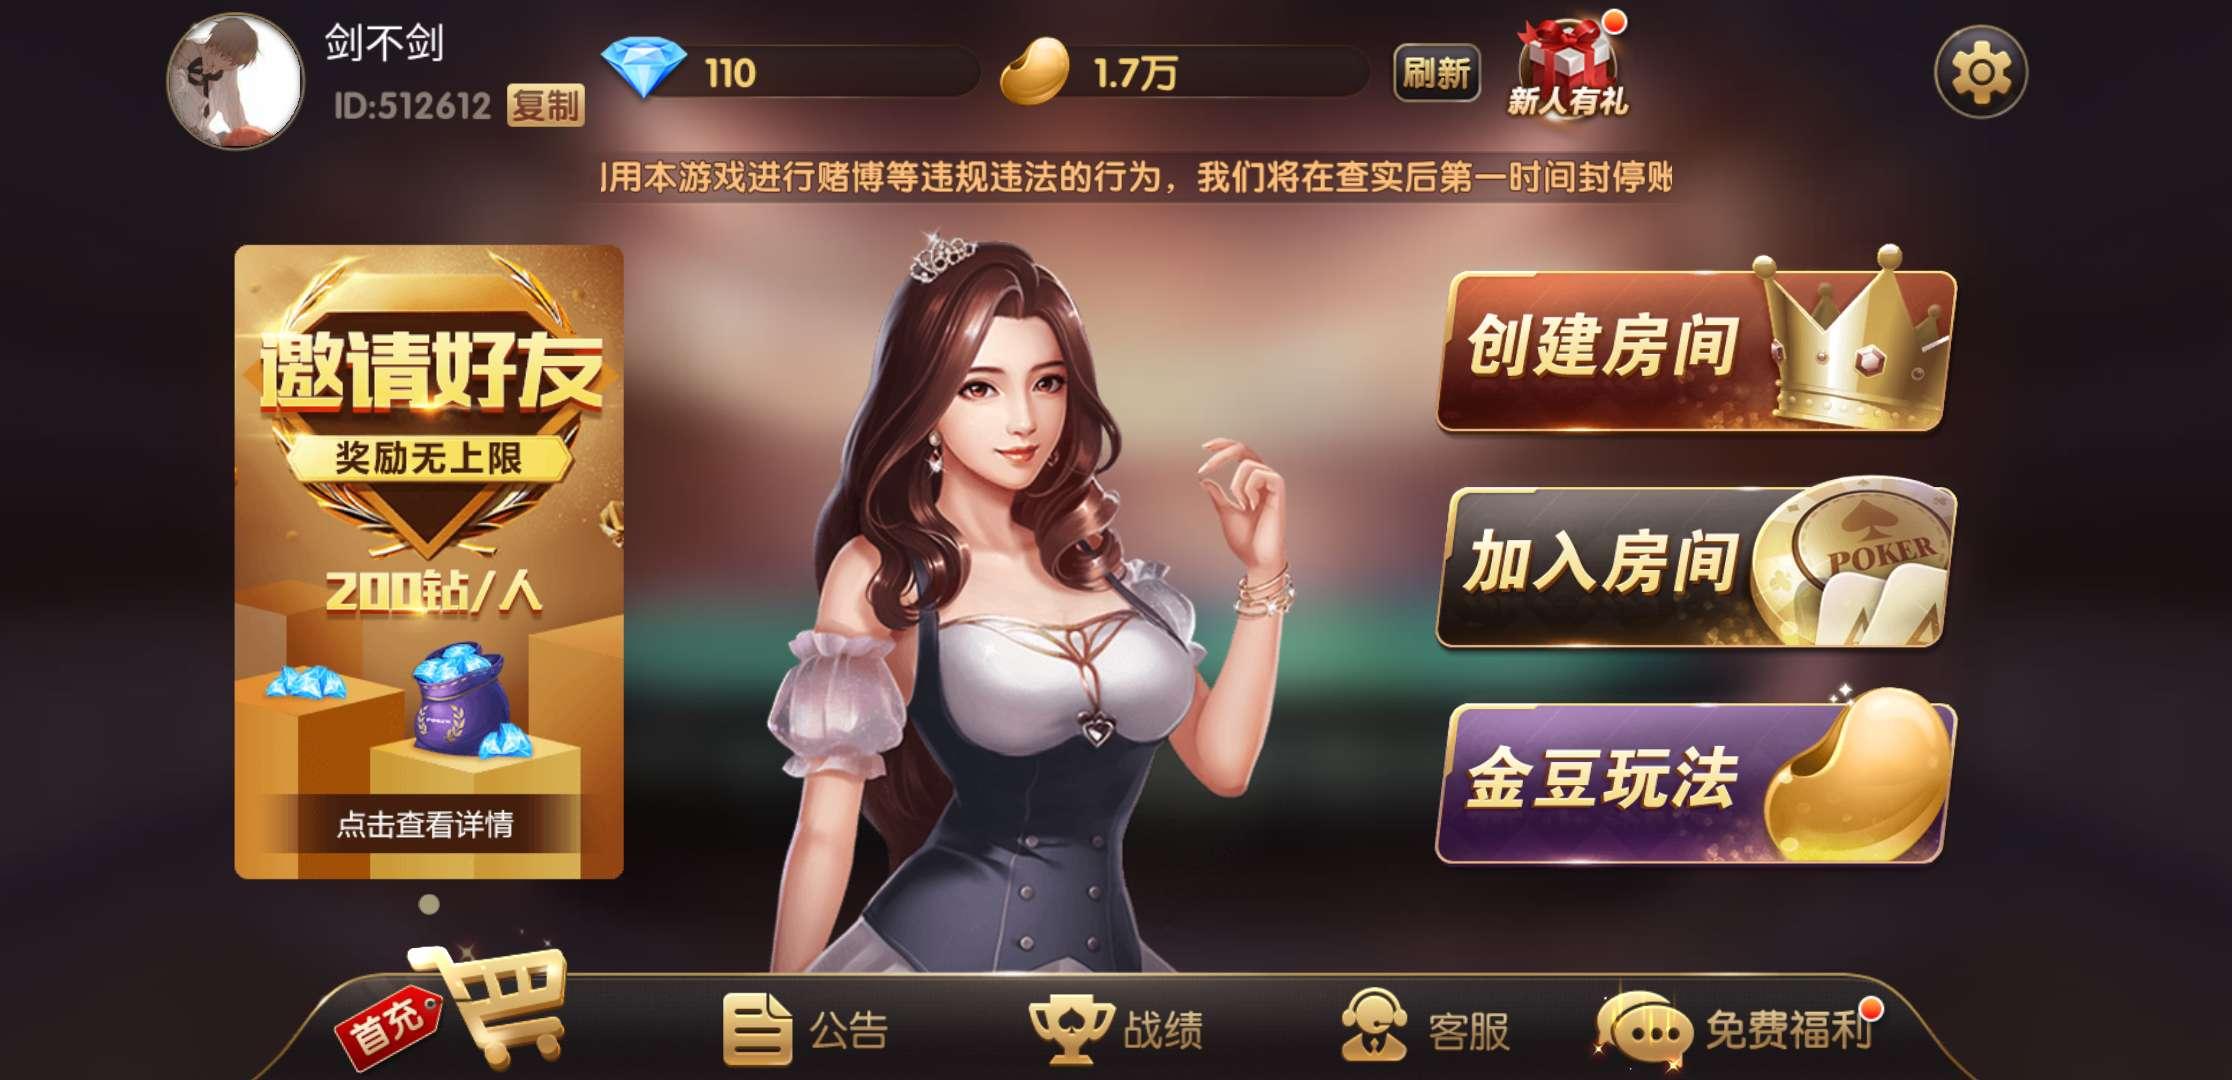 手机棋牌游戏开发,棋牌游戏开发杭州怎么找到正规的开发商?